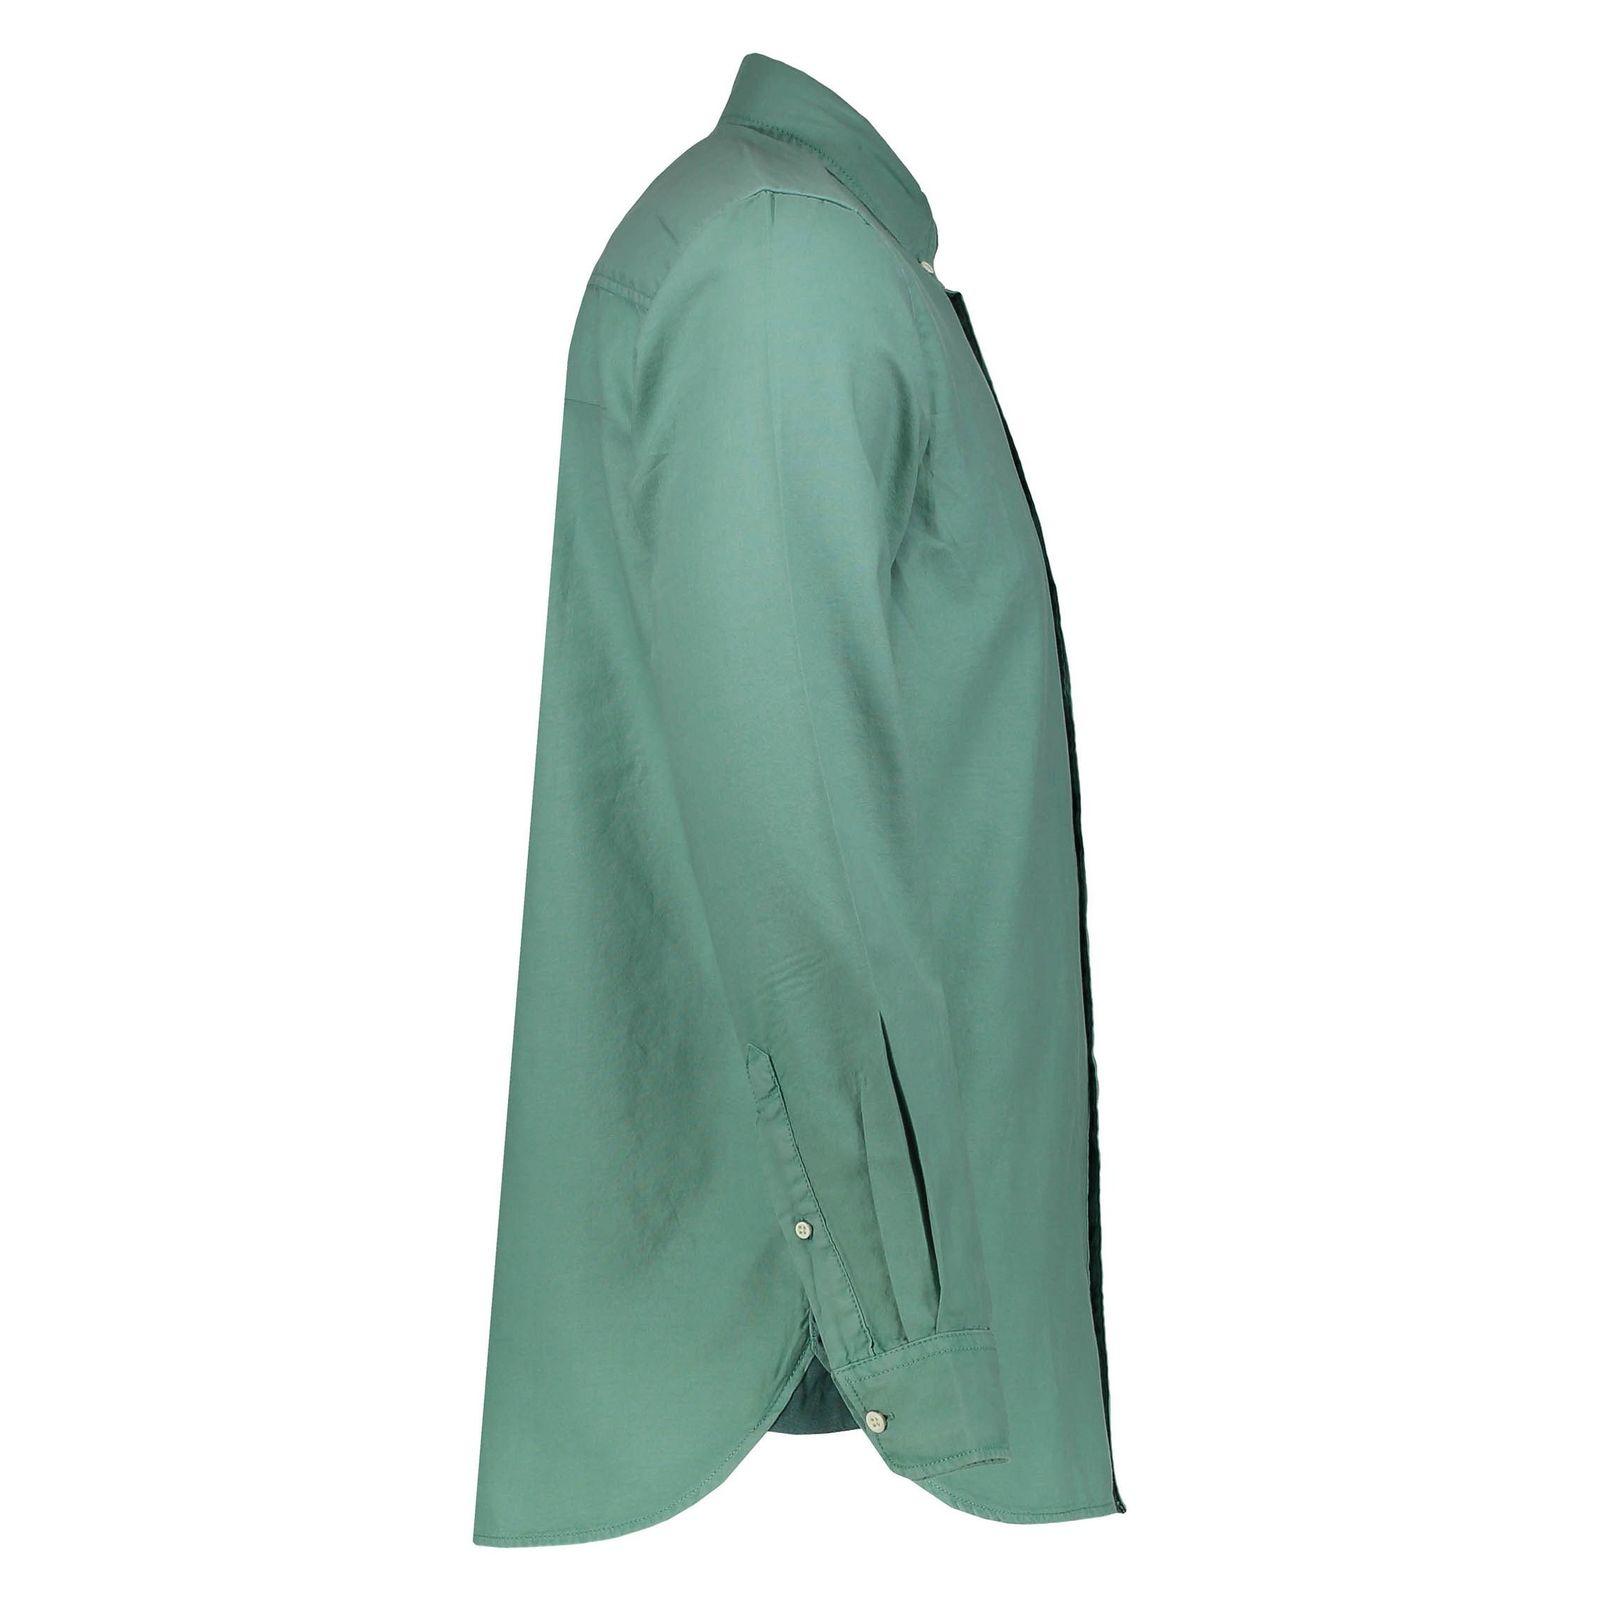 پیراهن نخی آستین بلند مردانه - اس.اولیور - سبز - 3